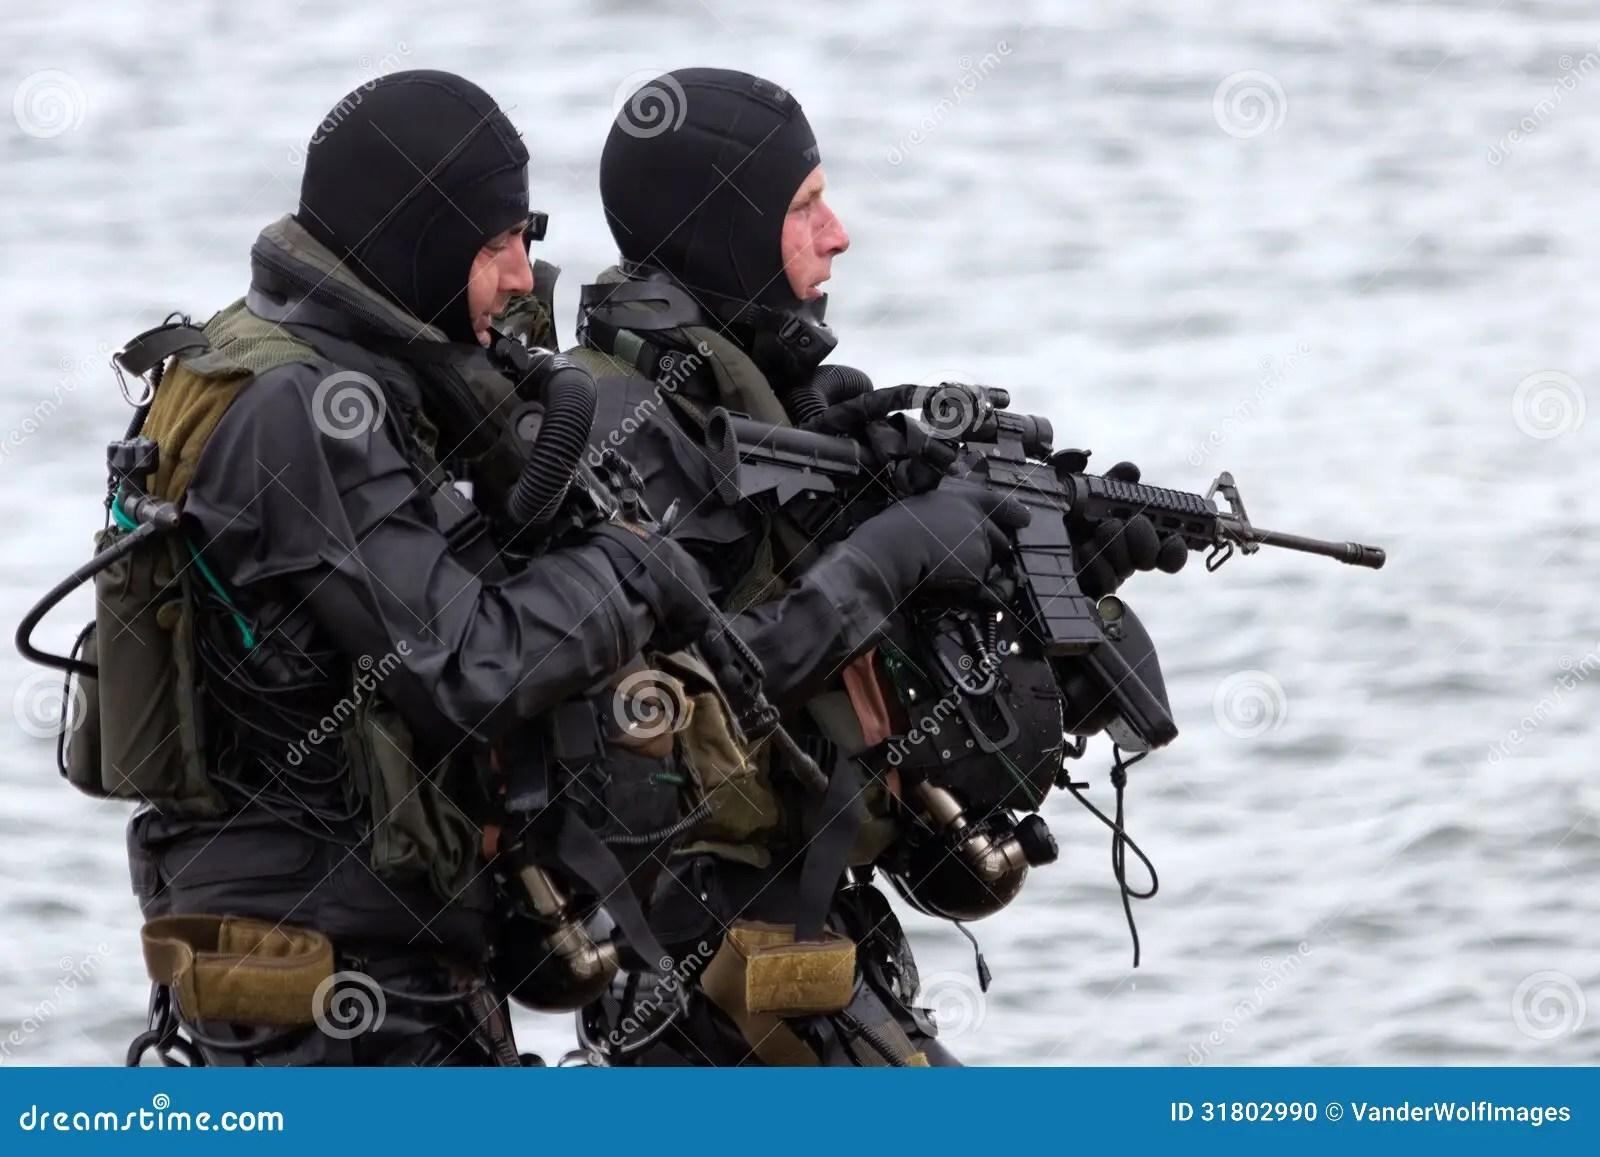 navy seals editorial image